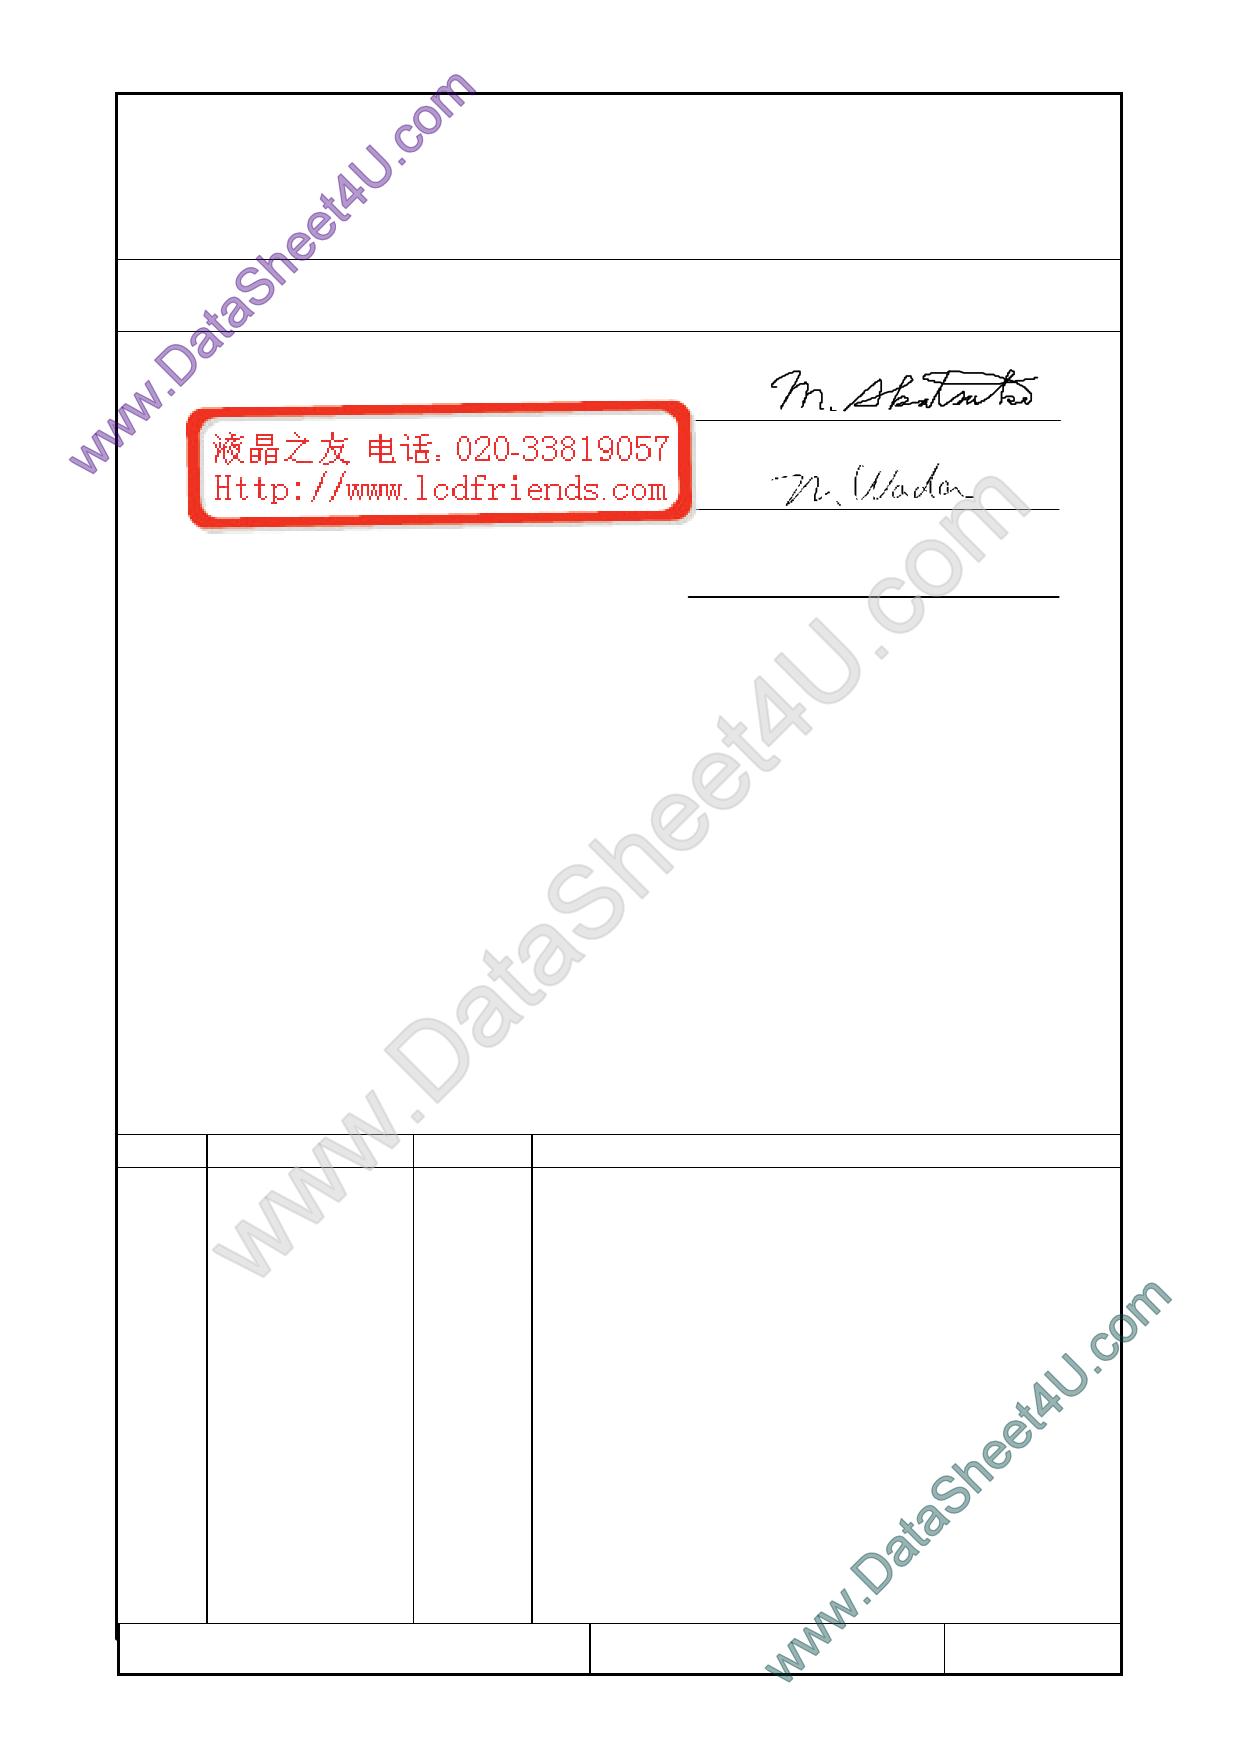 F-51852GNFQJ-LW-AAN Hoja de datos, Descripción, Manual